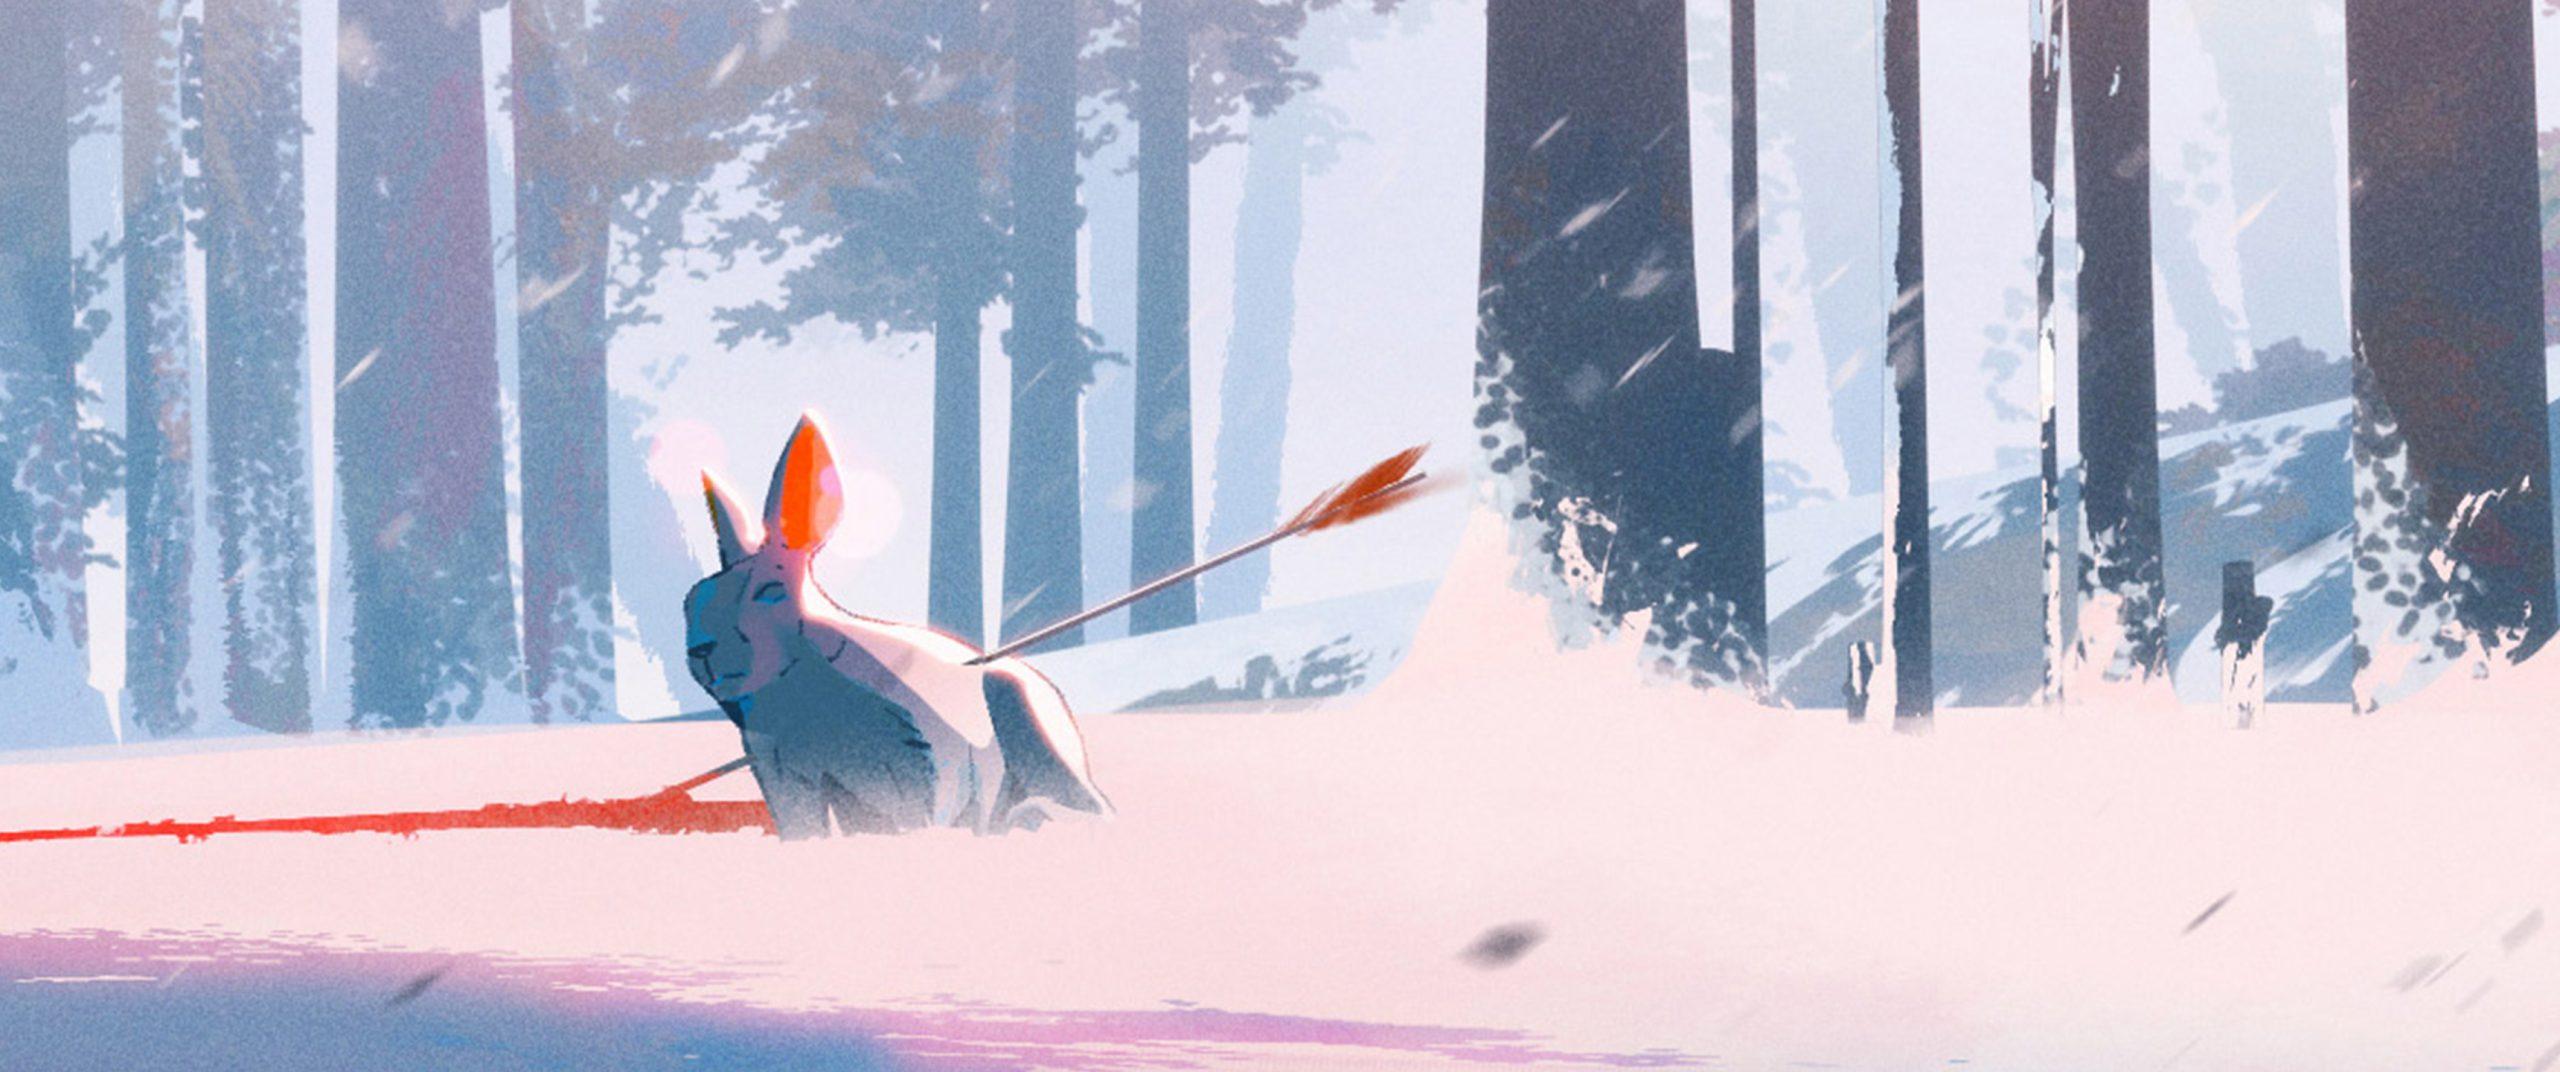 Арт: кадры из отменённого мультфильма повидеоигре The Last ofUs 7